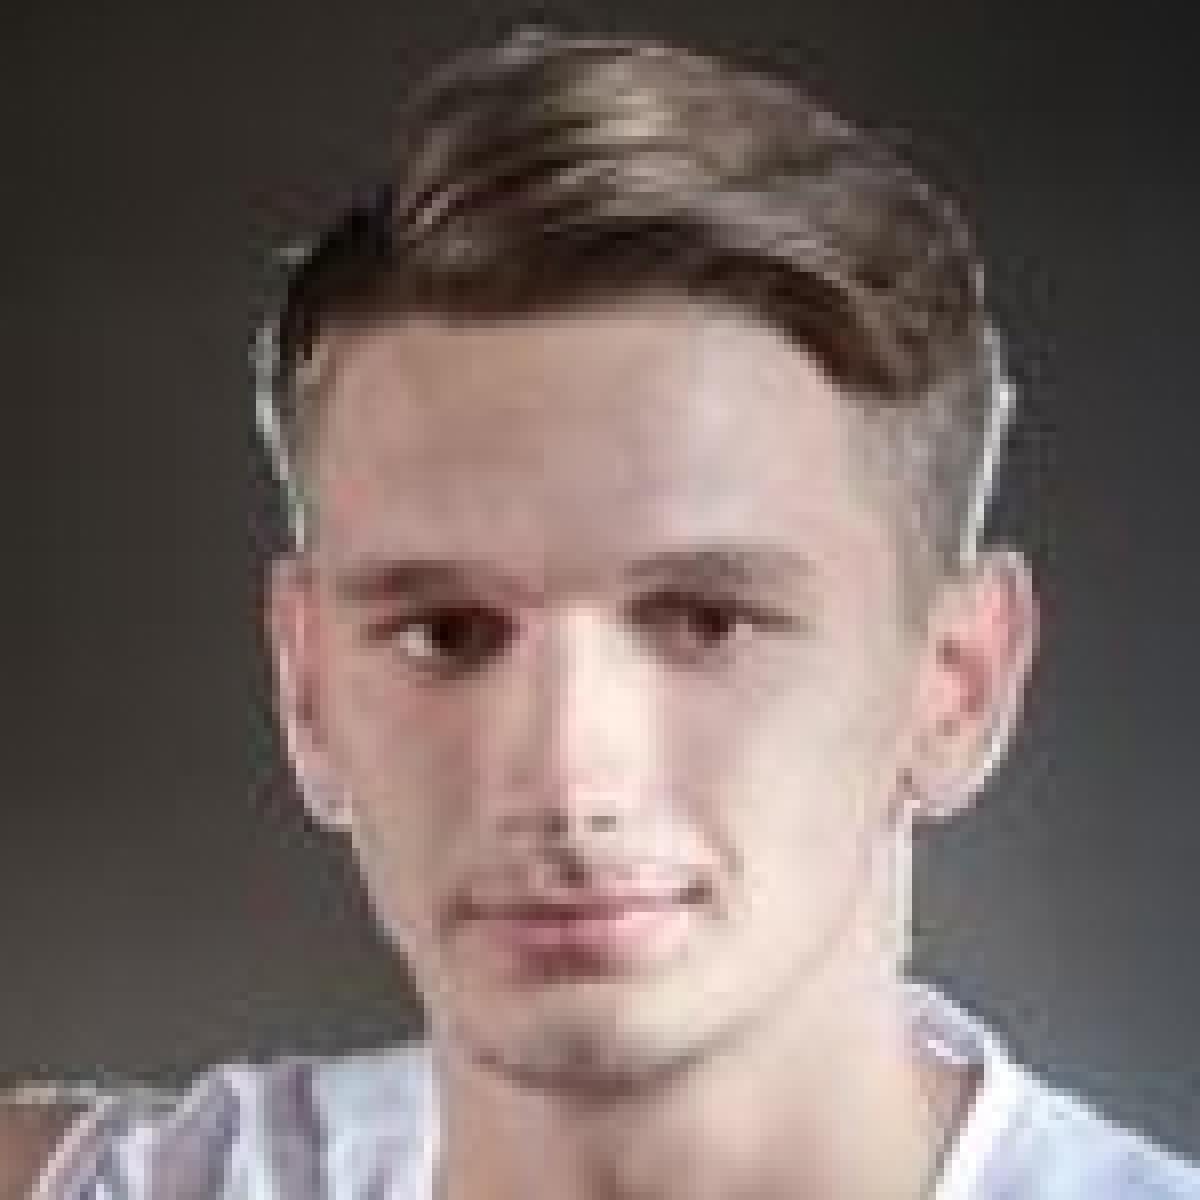 Jan Strmcnik